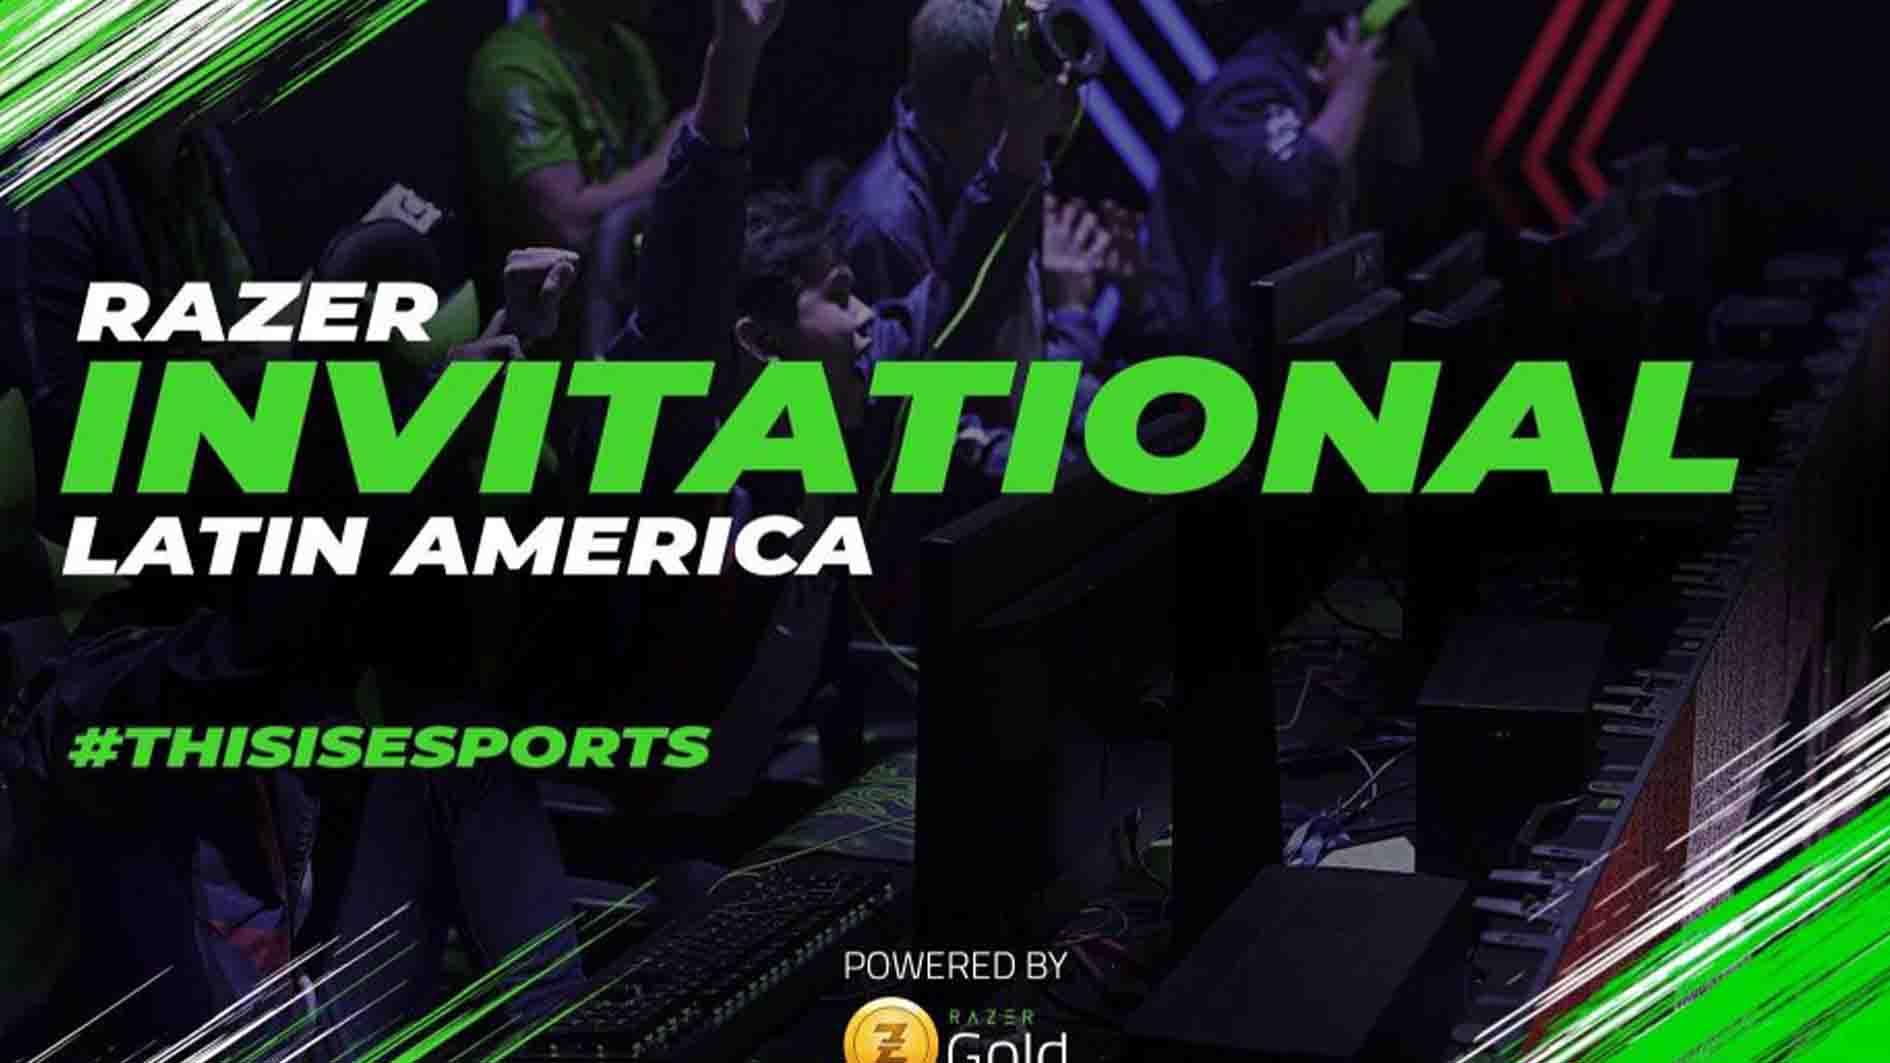 Focada em gamers, Razer cria torneio de e-Sports para a América Latina